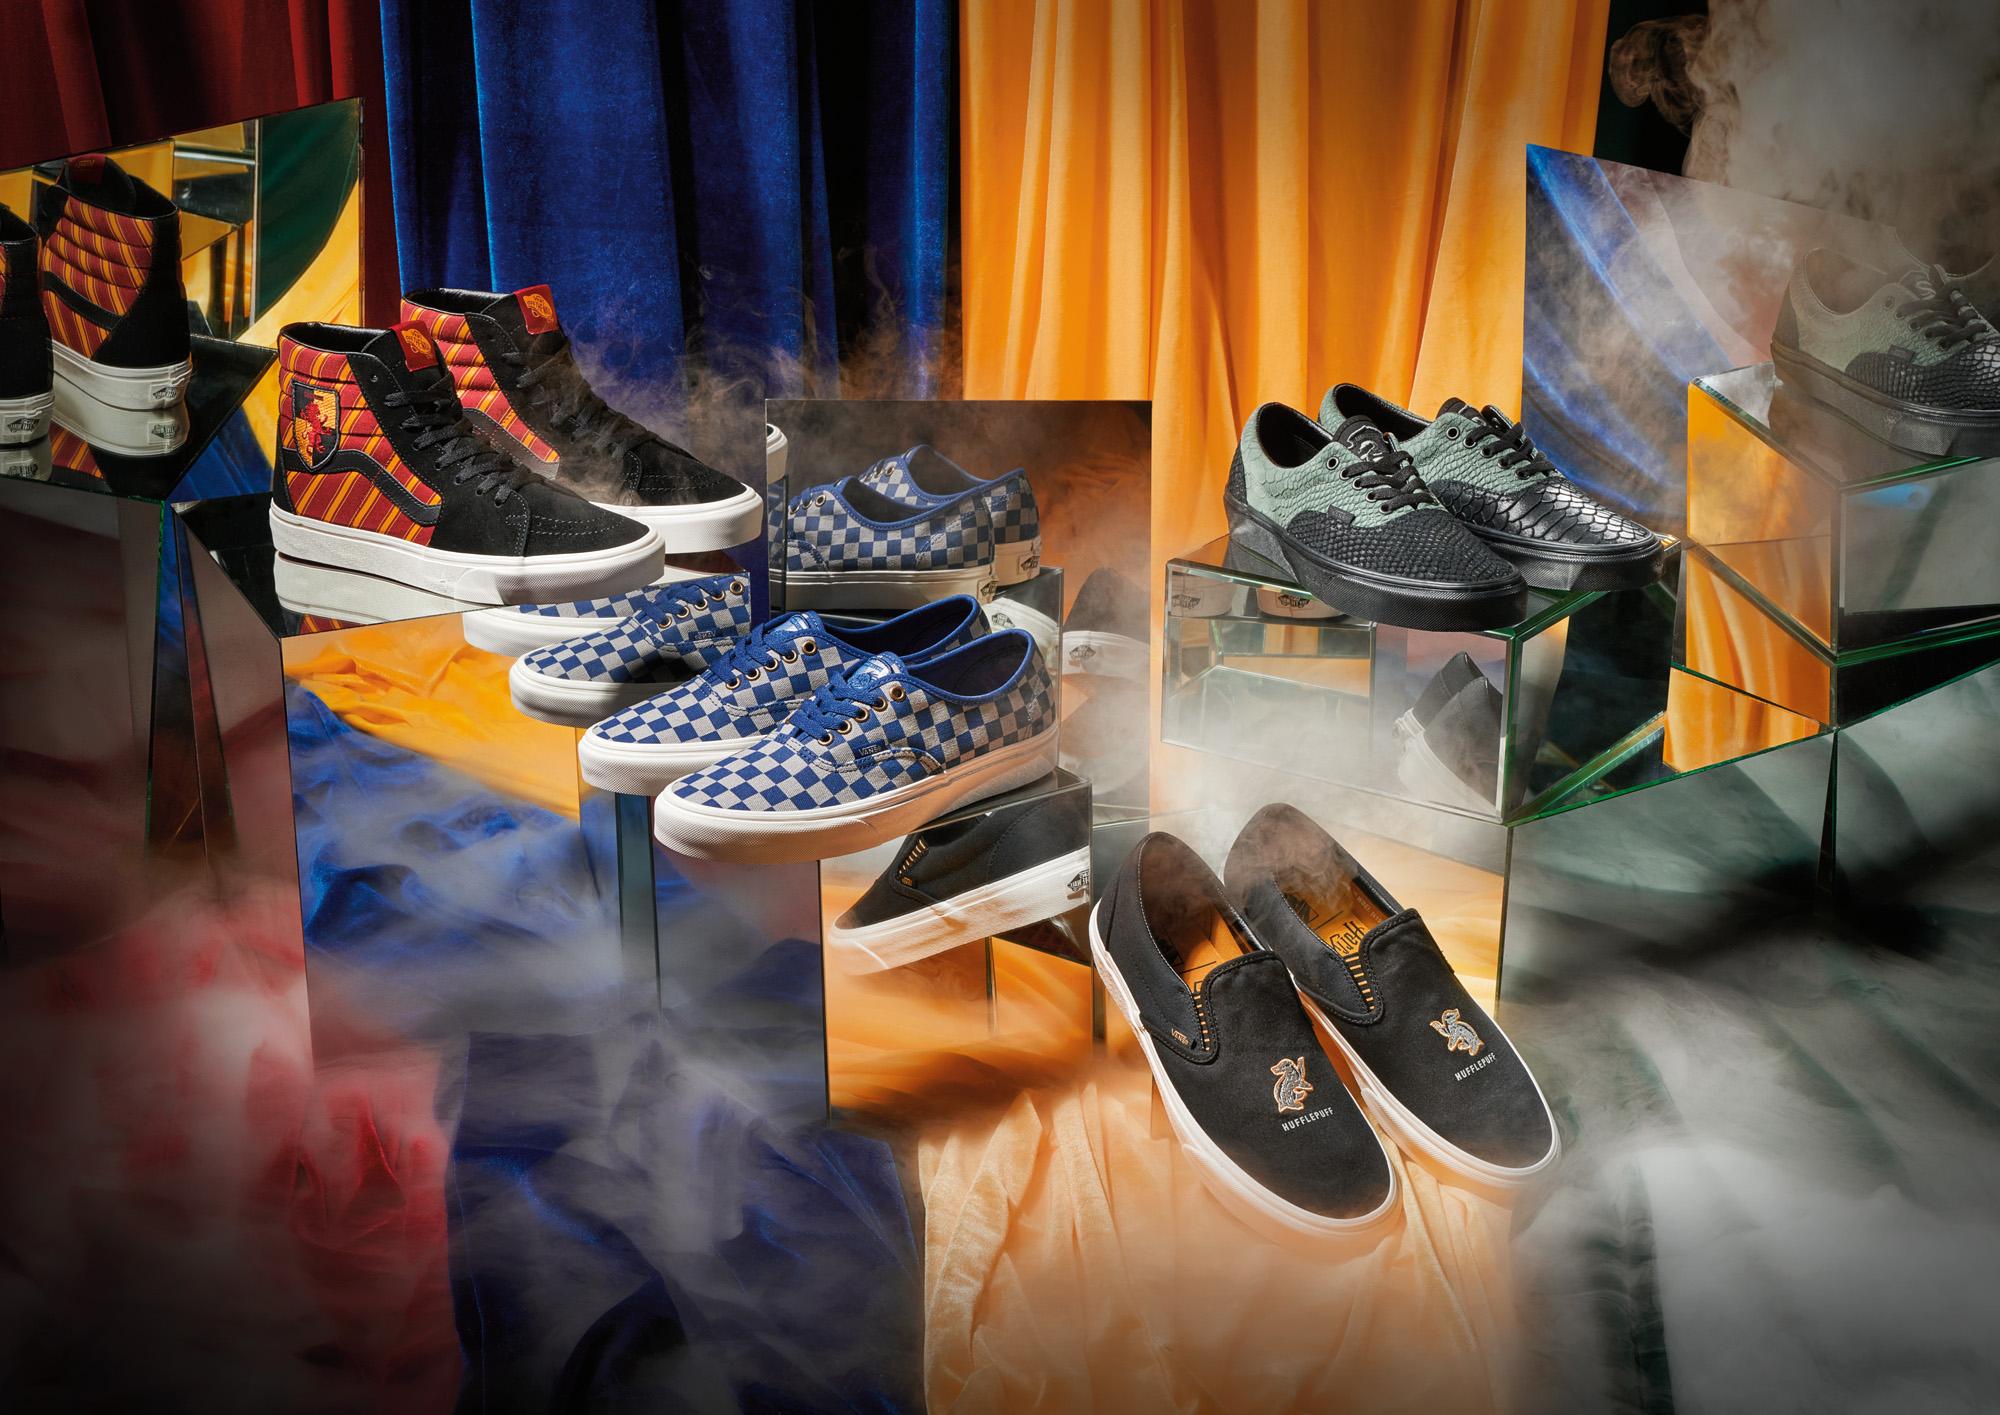 Vans anuncia coleção de tênis inspirada em Harry Potter